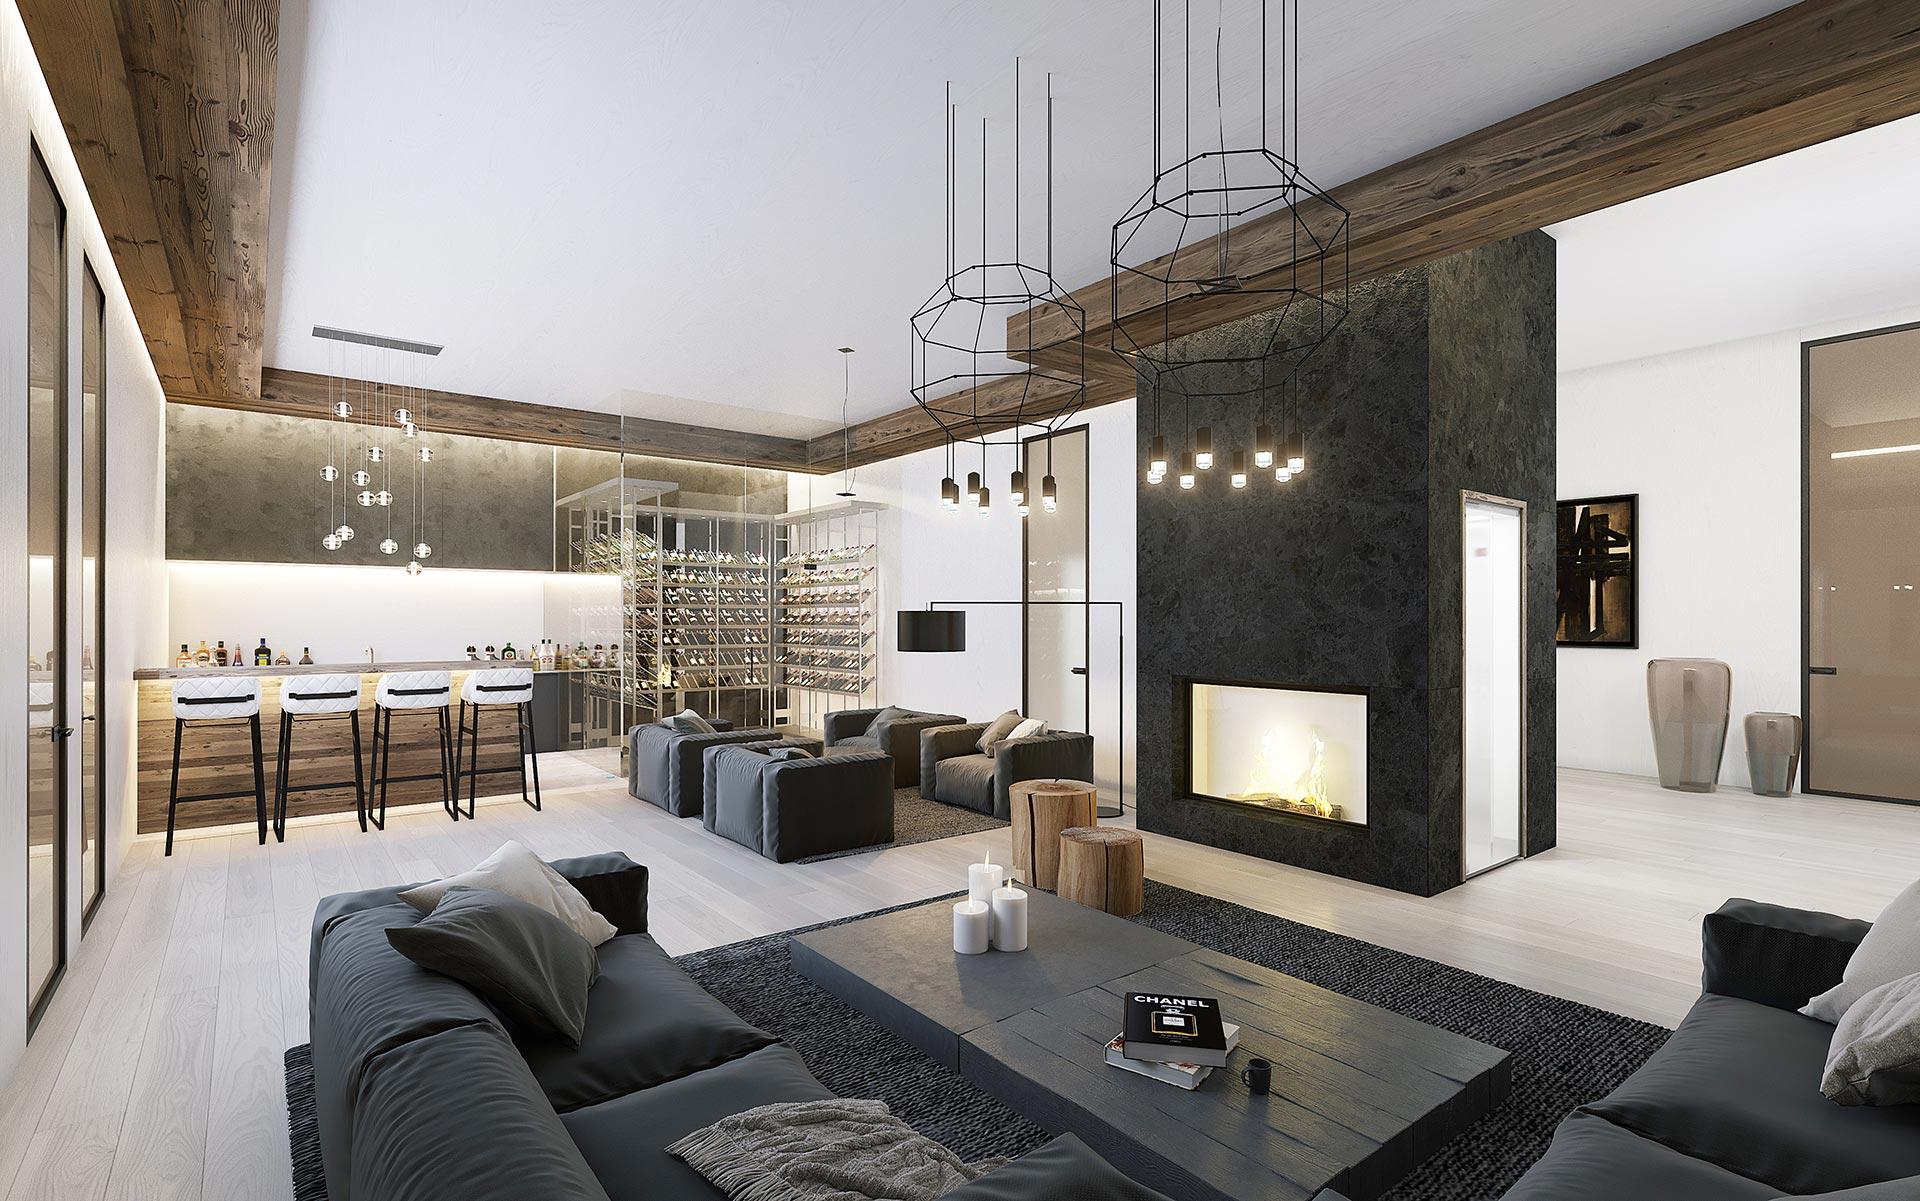 Image numérique d'un salon pour un projet immobilier de luxe